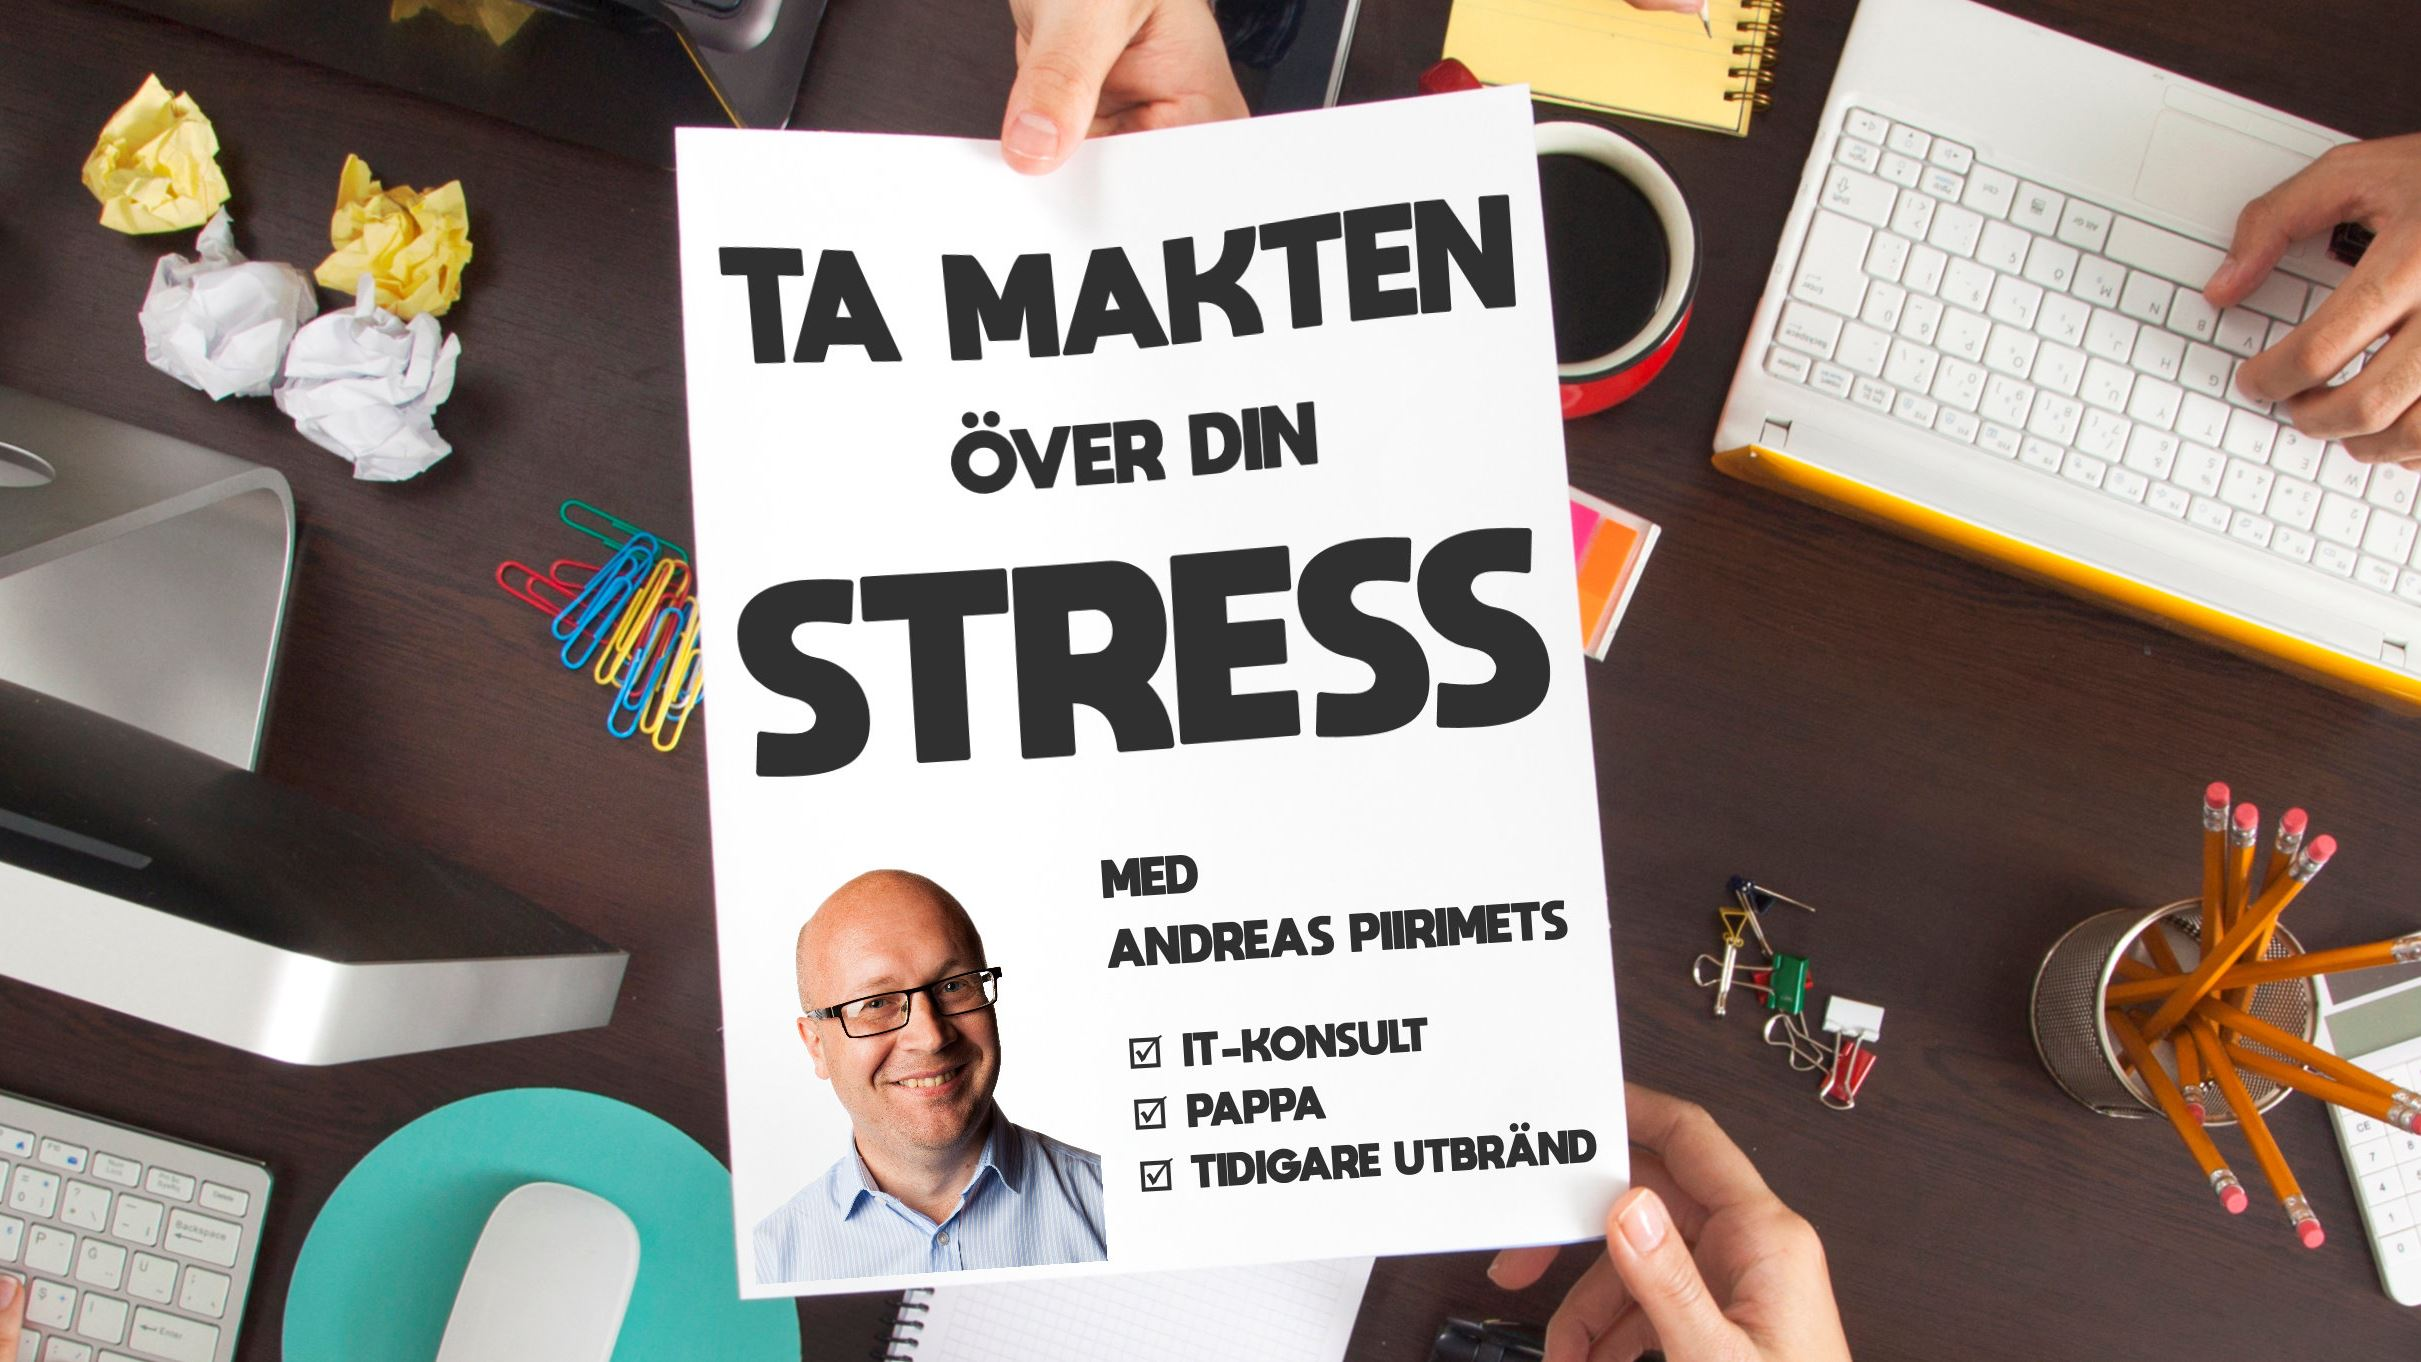 Föredrag: Ta makten över din stress